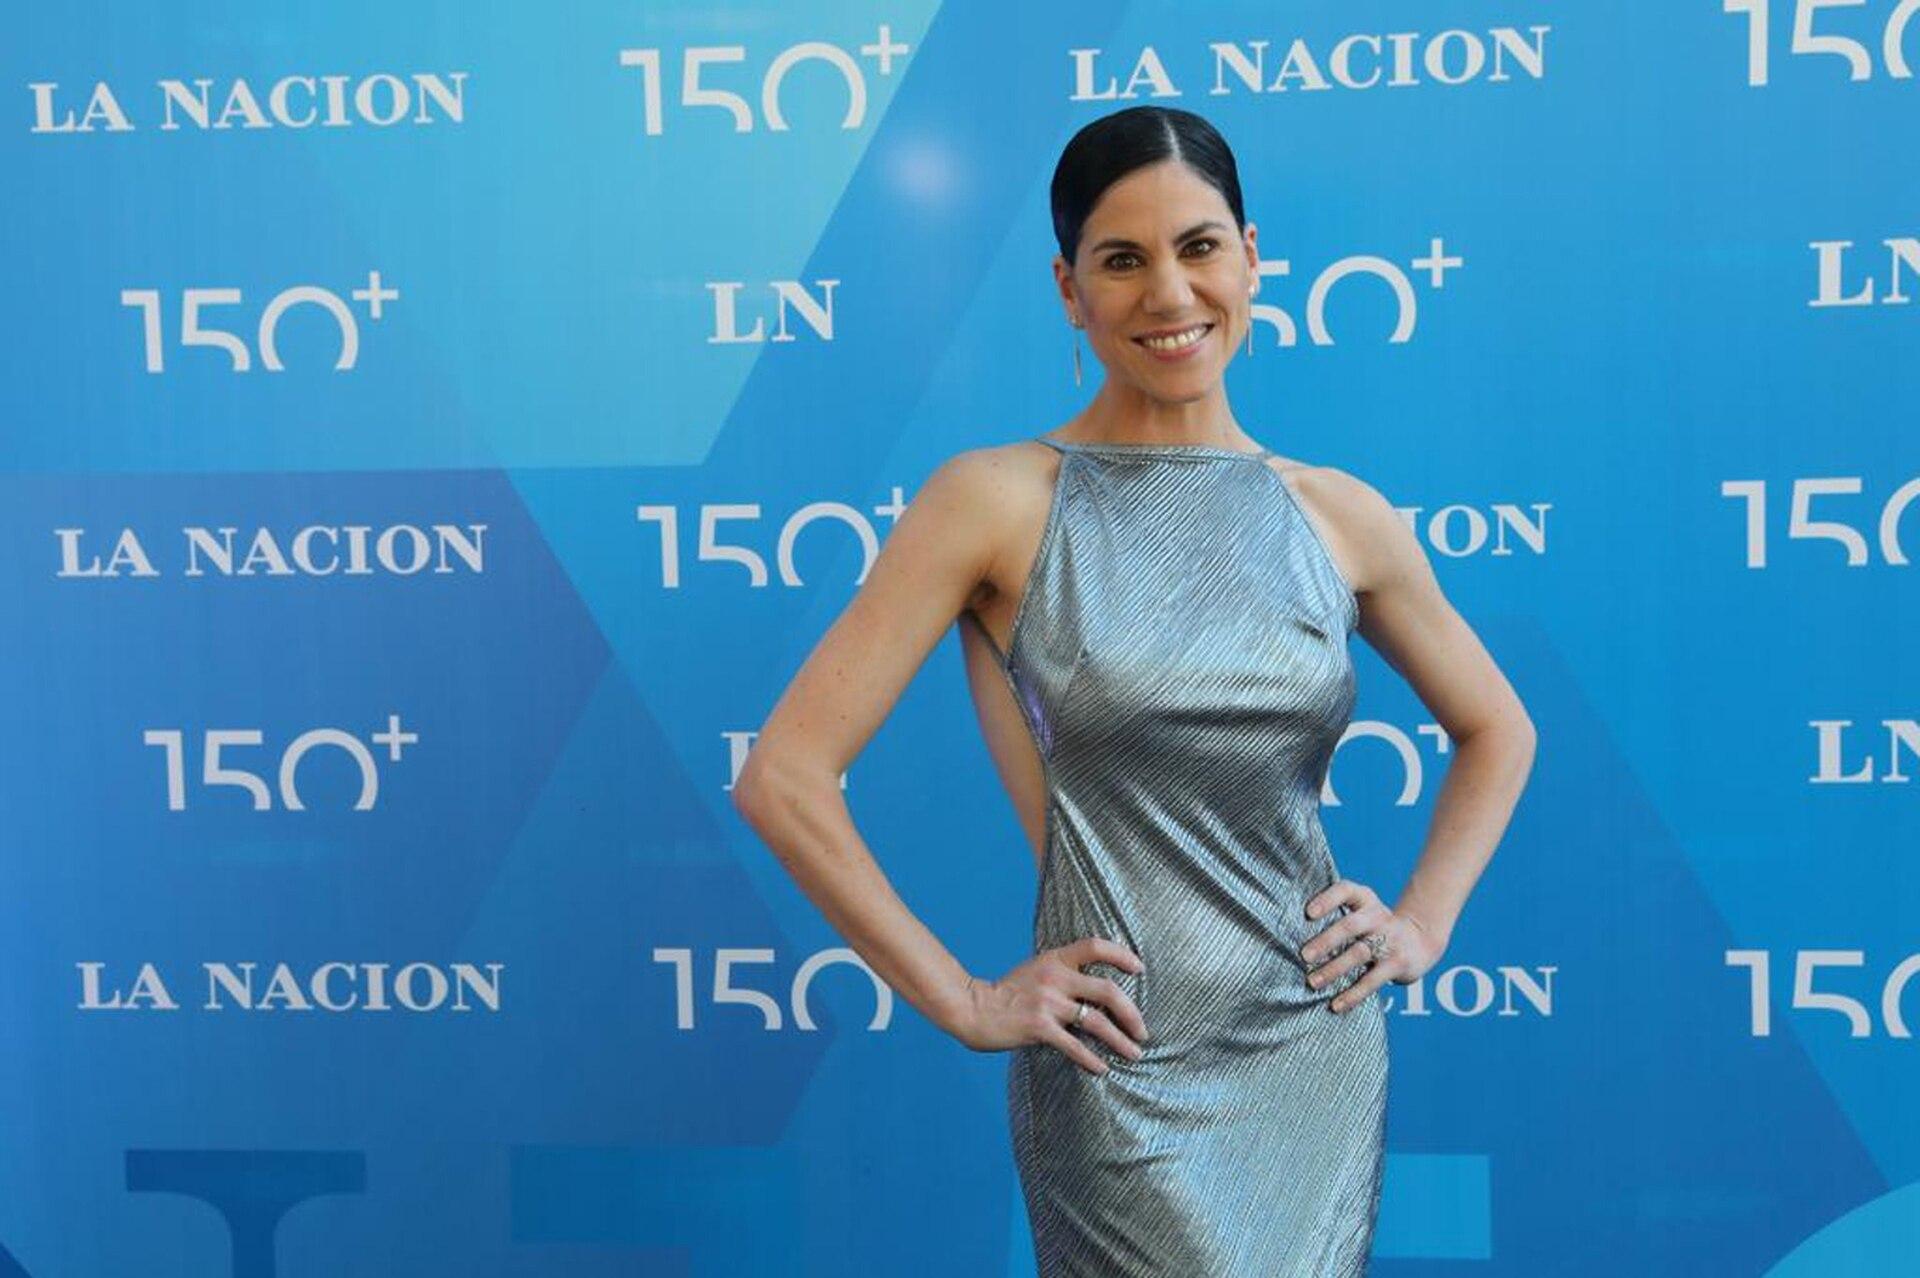 La directora del Ballet Estable del Teatro Colon, Paloma Herrera, en la blue carpet